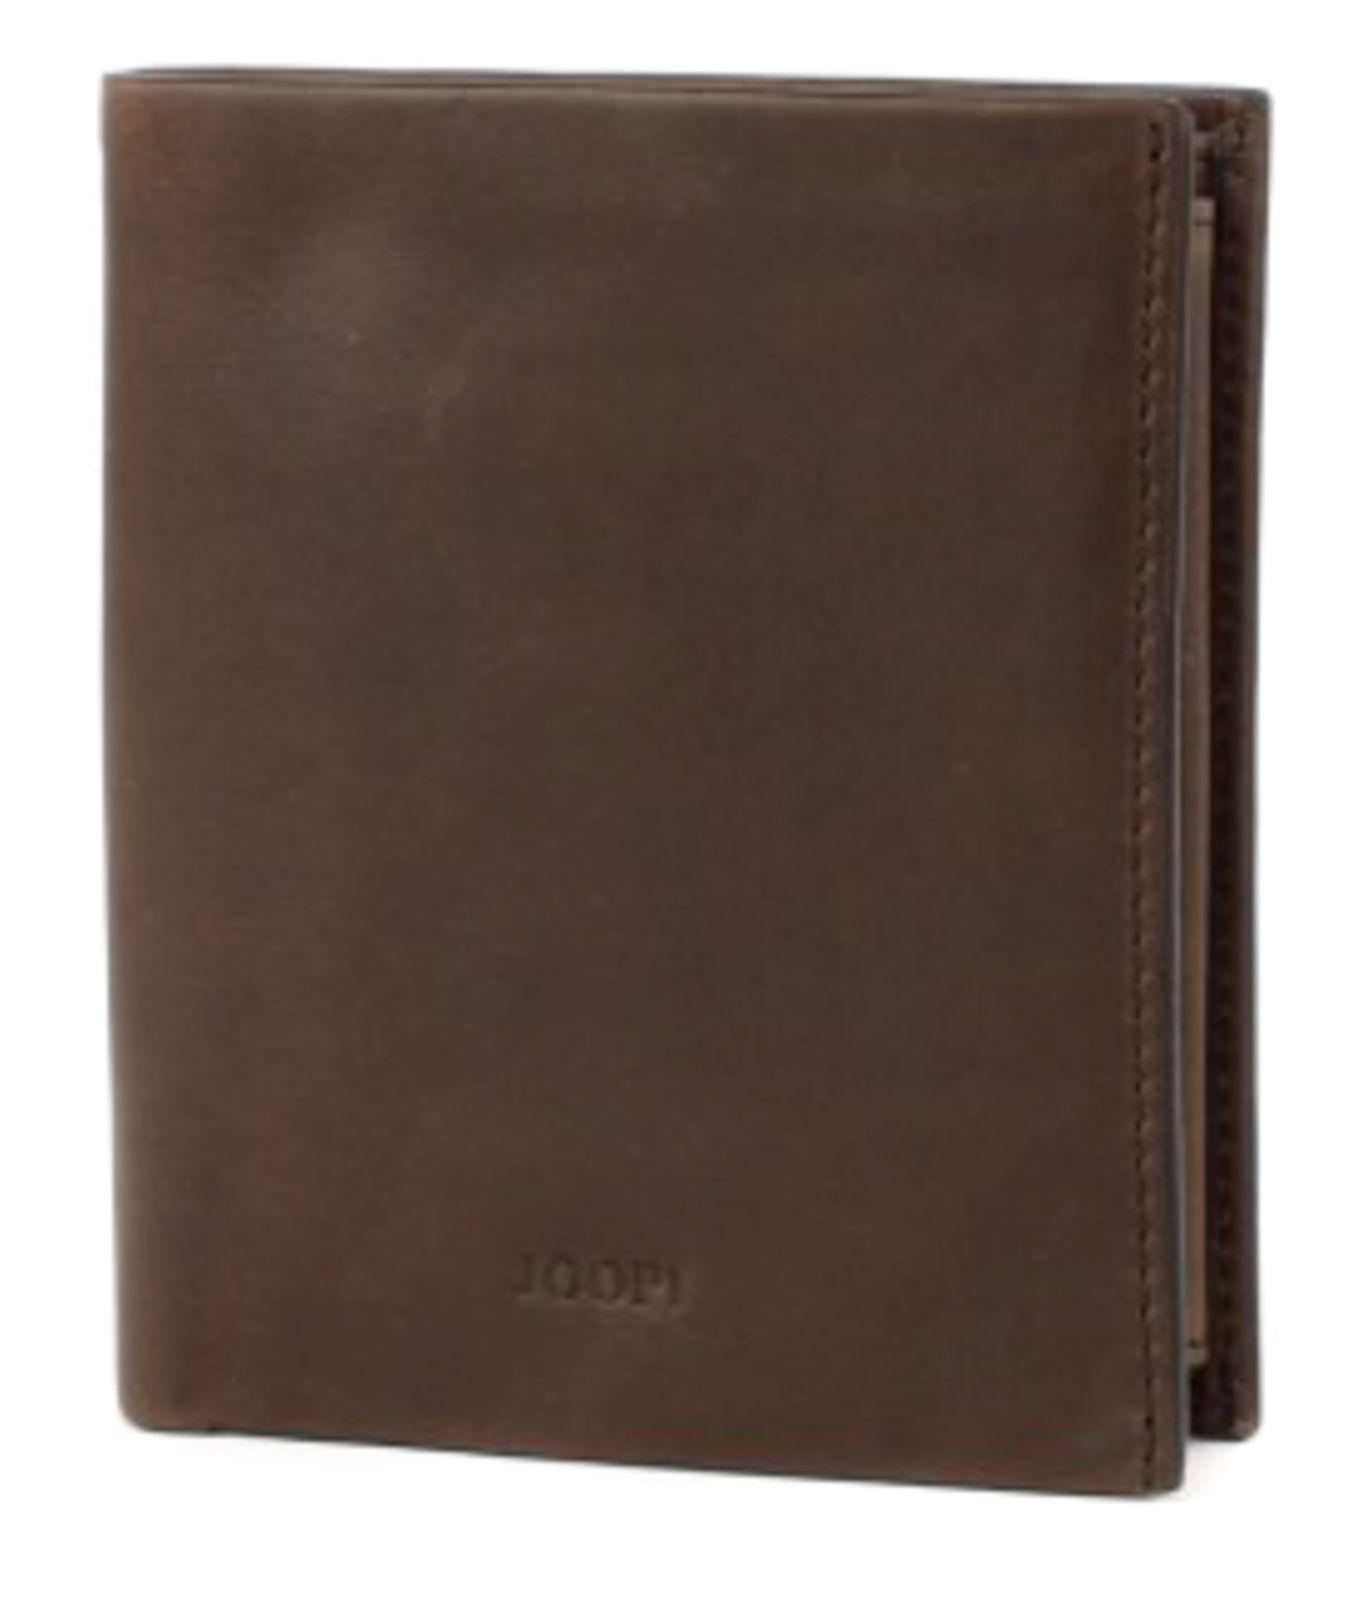 JOOP! Danaos Liana 10 Card Wallet Dark Brown